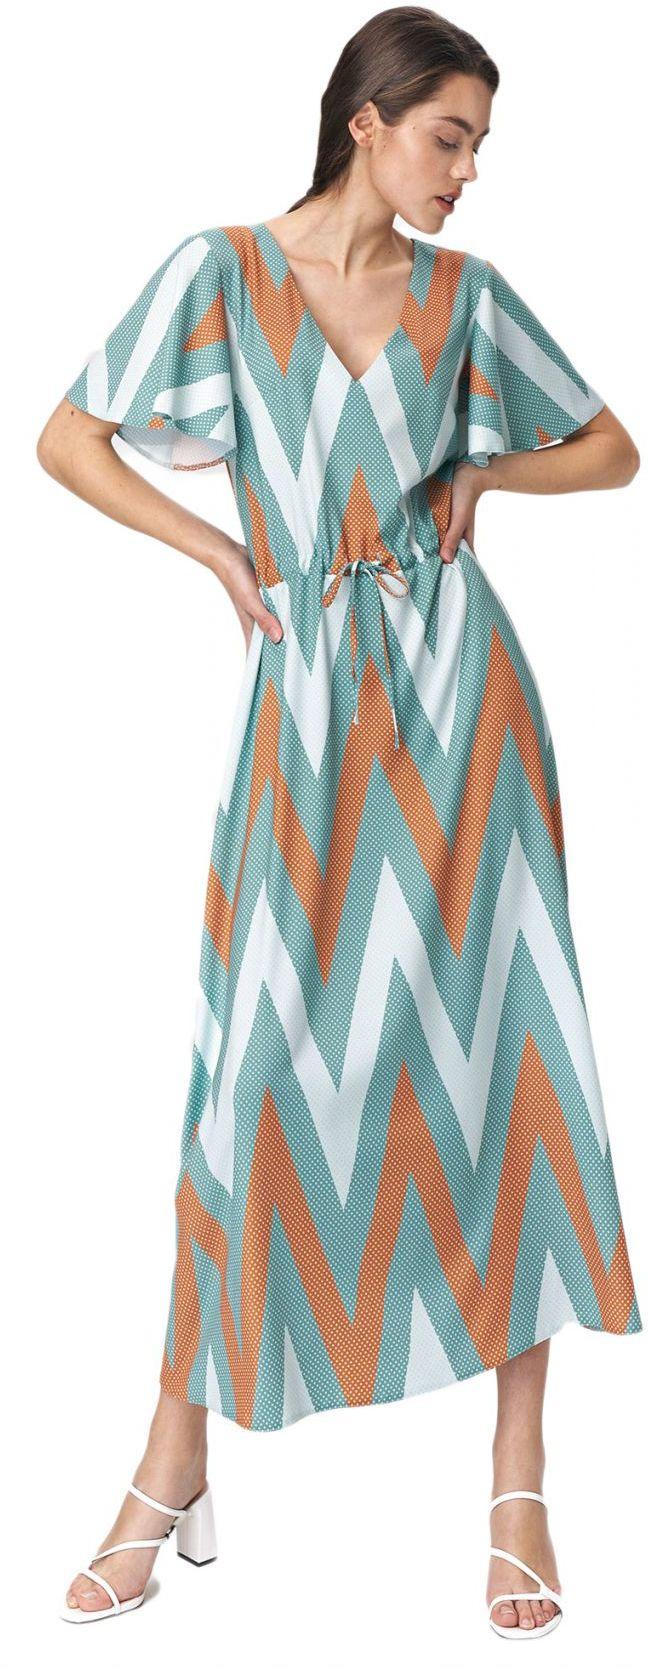 Turkusowa sukienka maxi z rozkloszowanymi rękawami - zygzak - S141